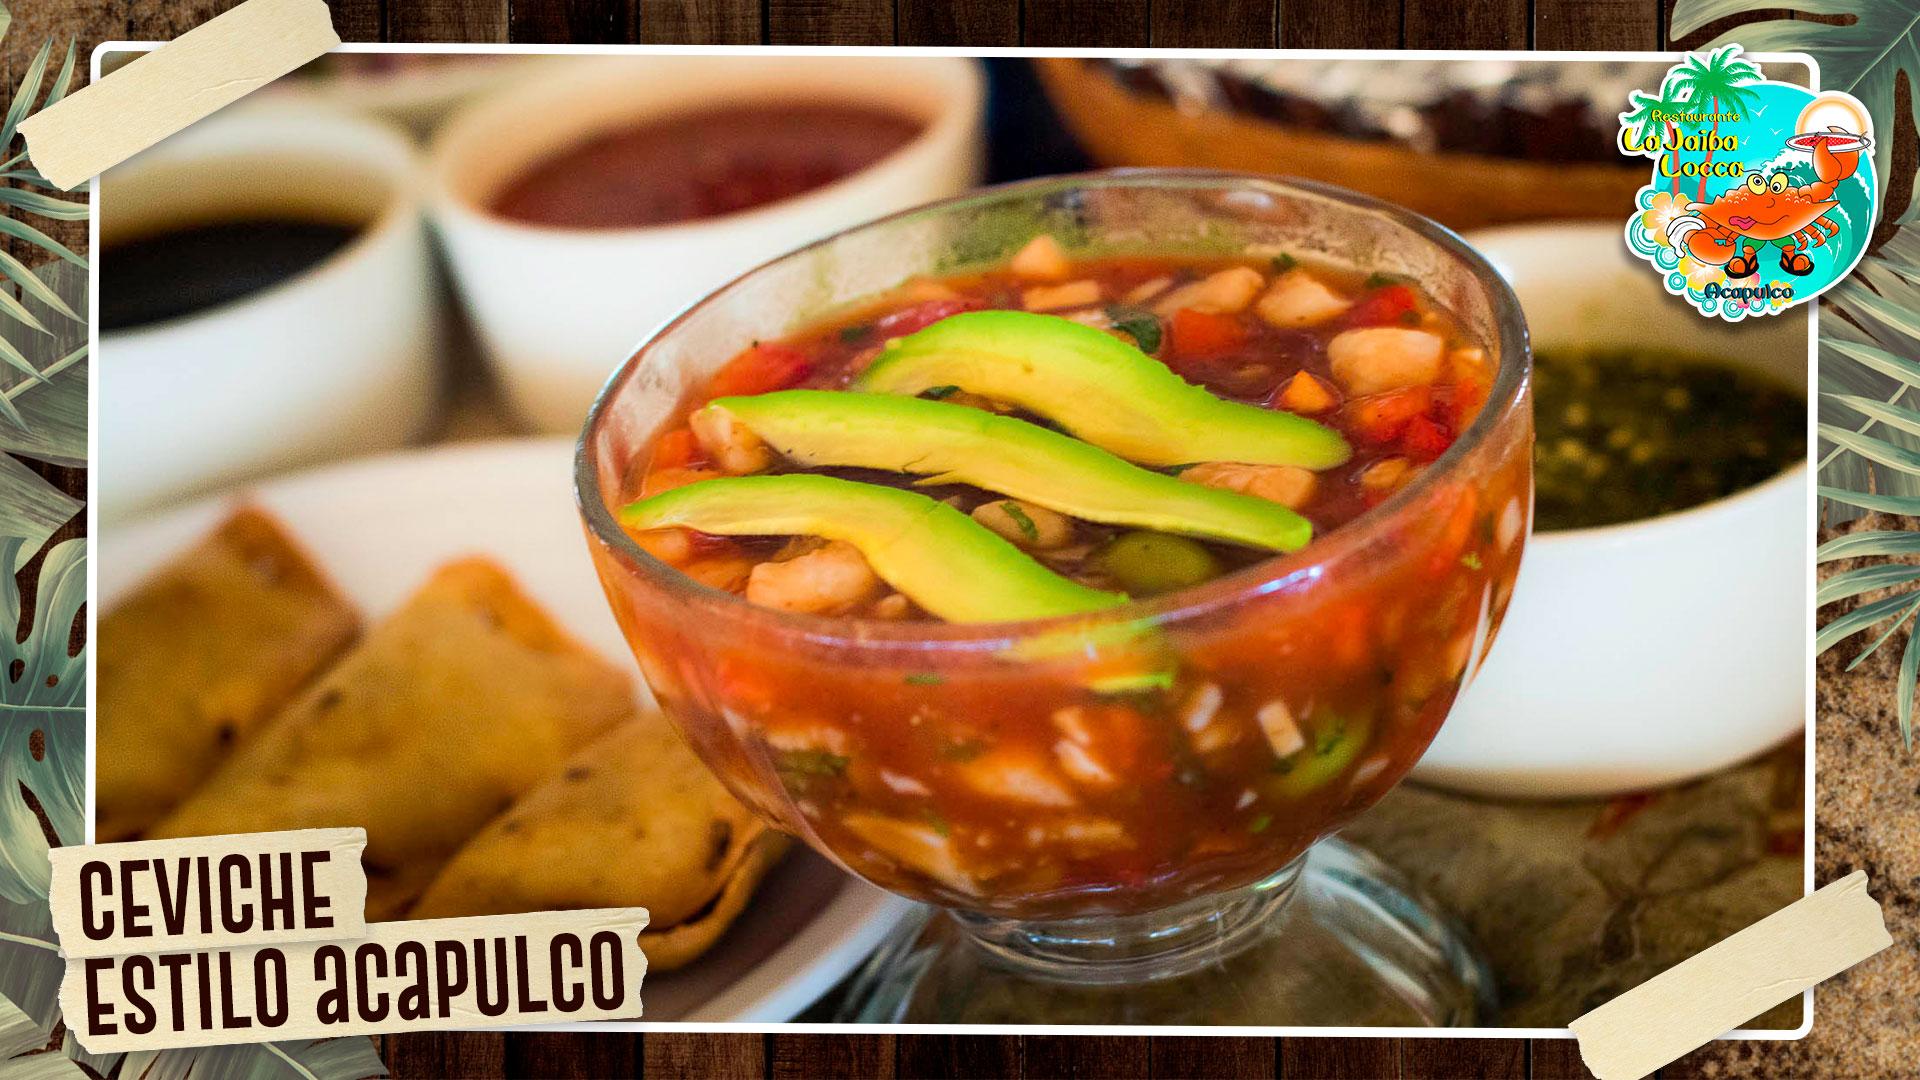 https://0201.nccdn.net/4_2/000/000/017/e75/11.-ceviche-estilo-acapulco.jpg